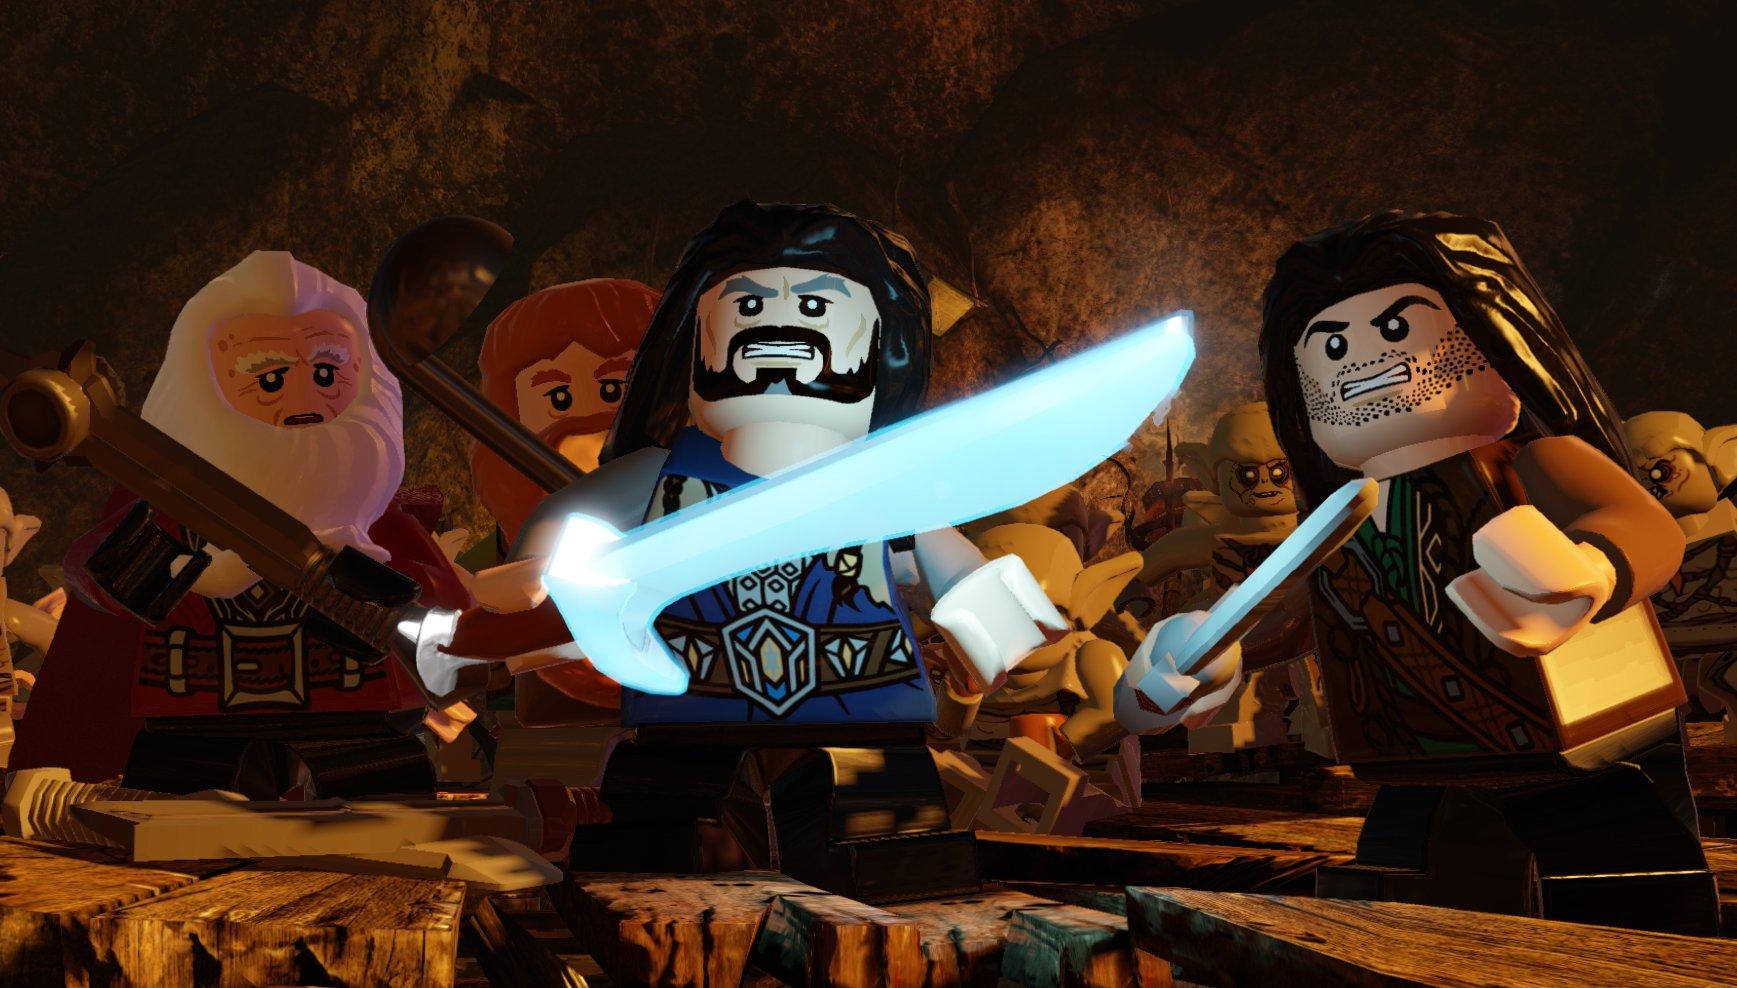 LEGO The Hobbit Game Wallpapers Best Wallpapers FanDownload 1737x988